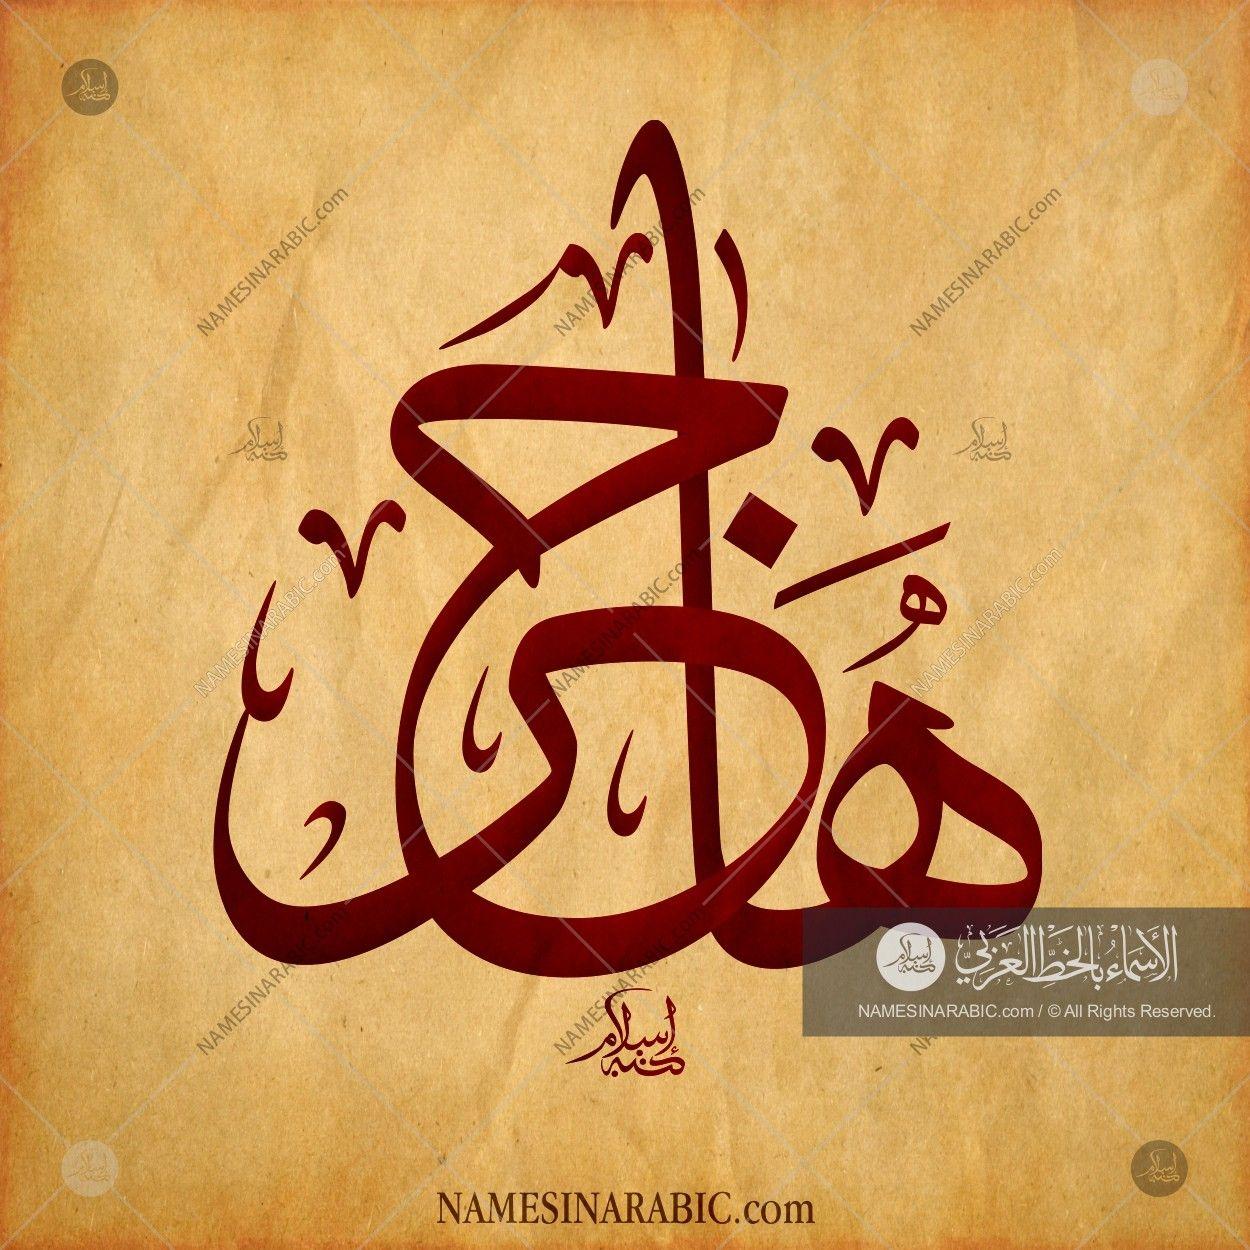 Hajar هاجر Names In Arabic Calligraphy Name 3931 Arabic Calligraphy Tattoo Arabic Calligraphy Calligraphy Name